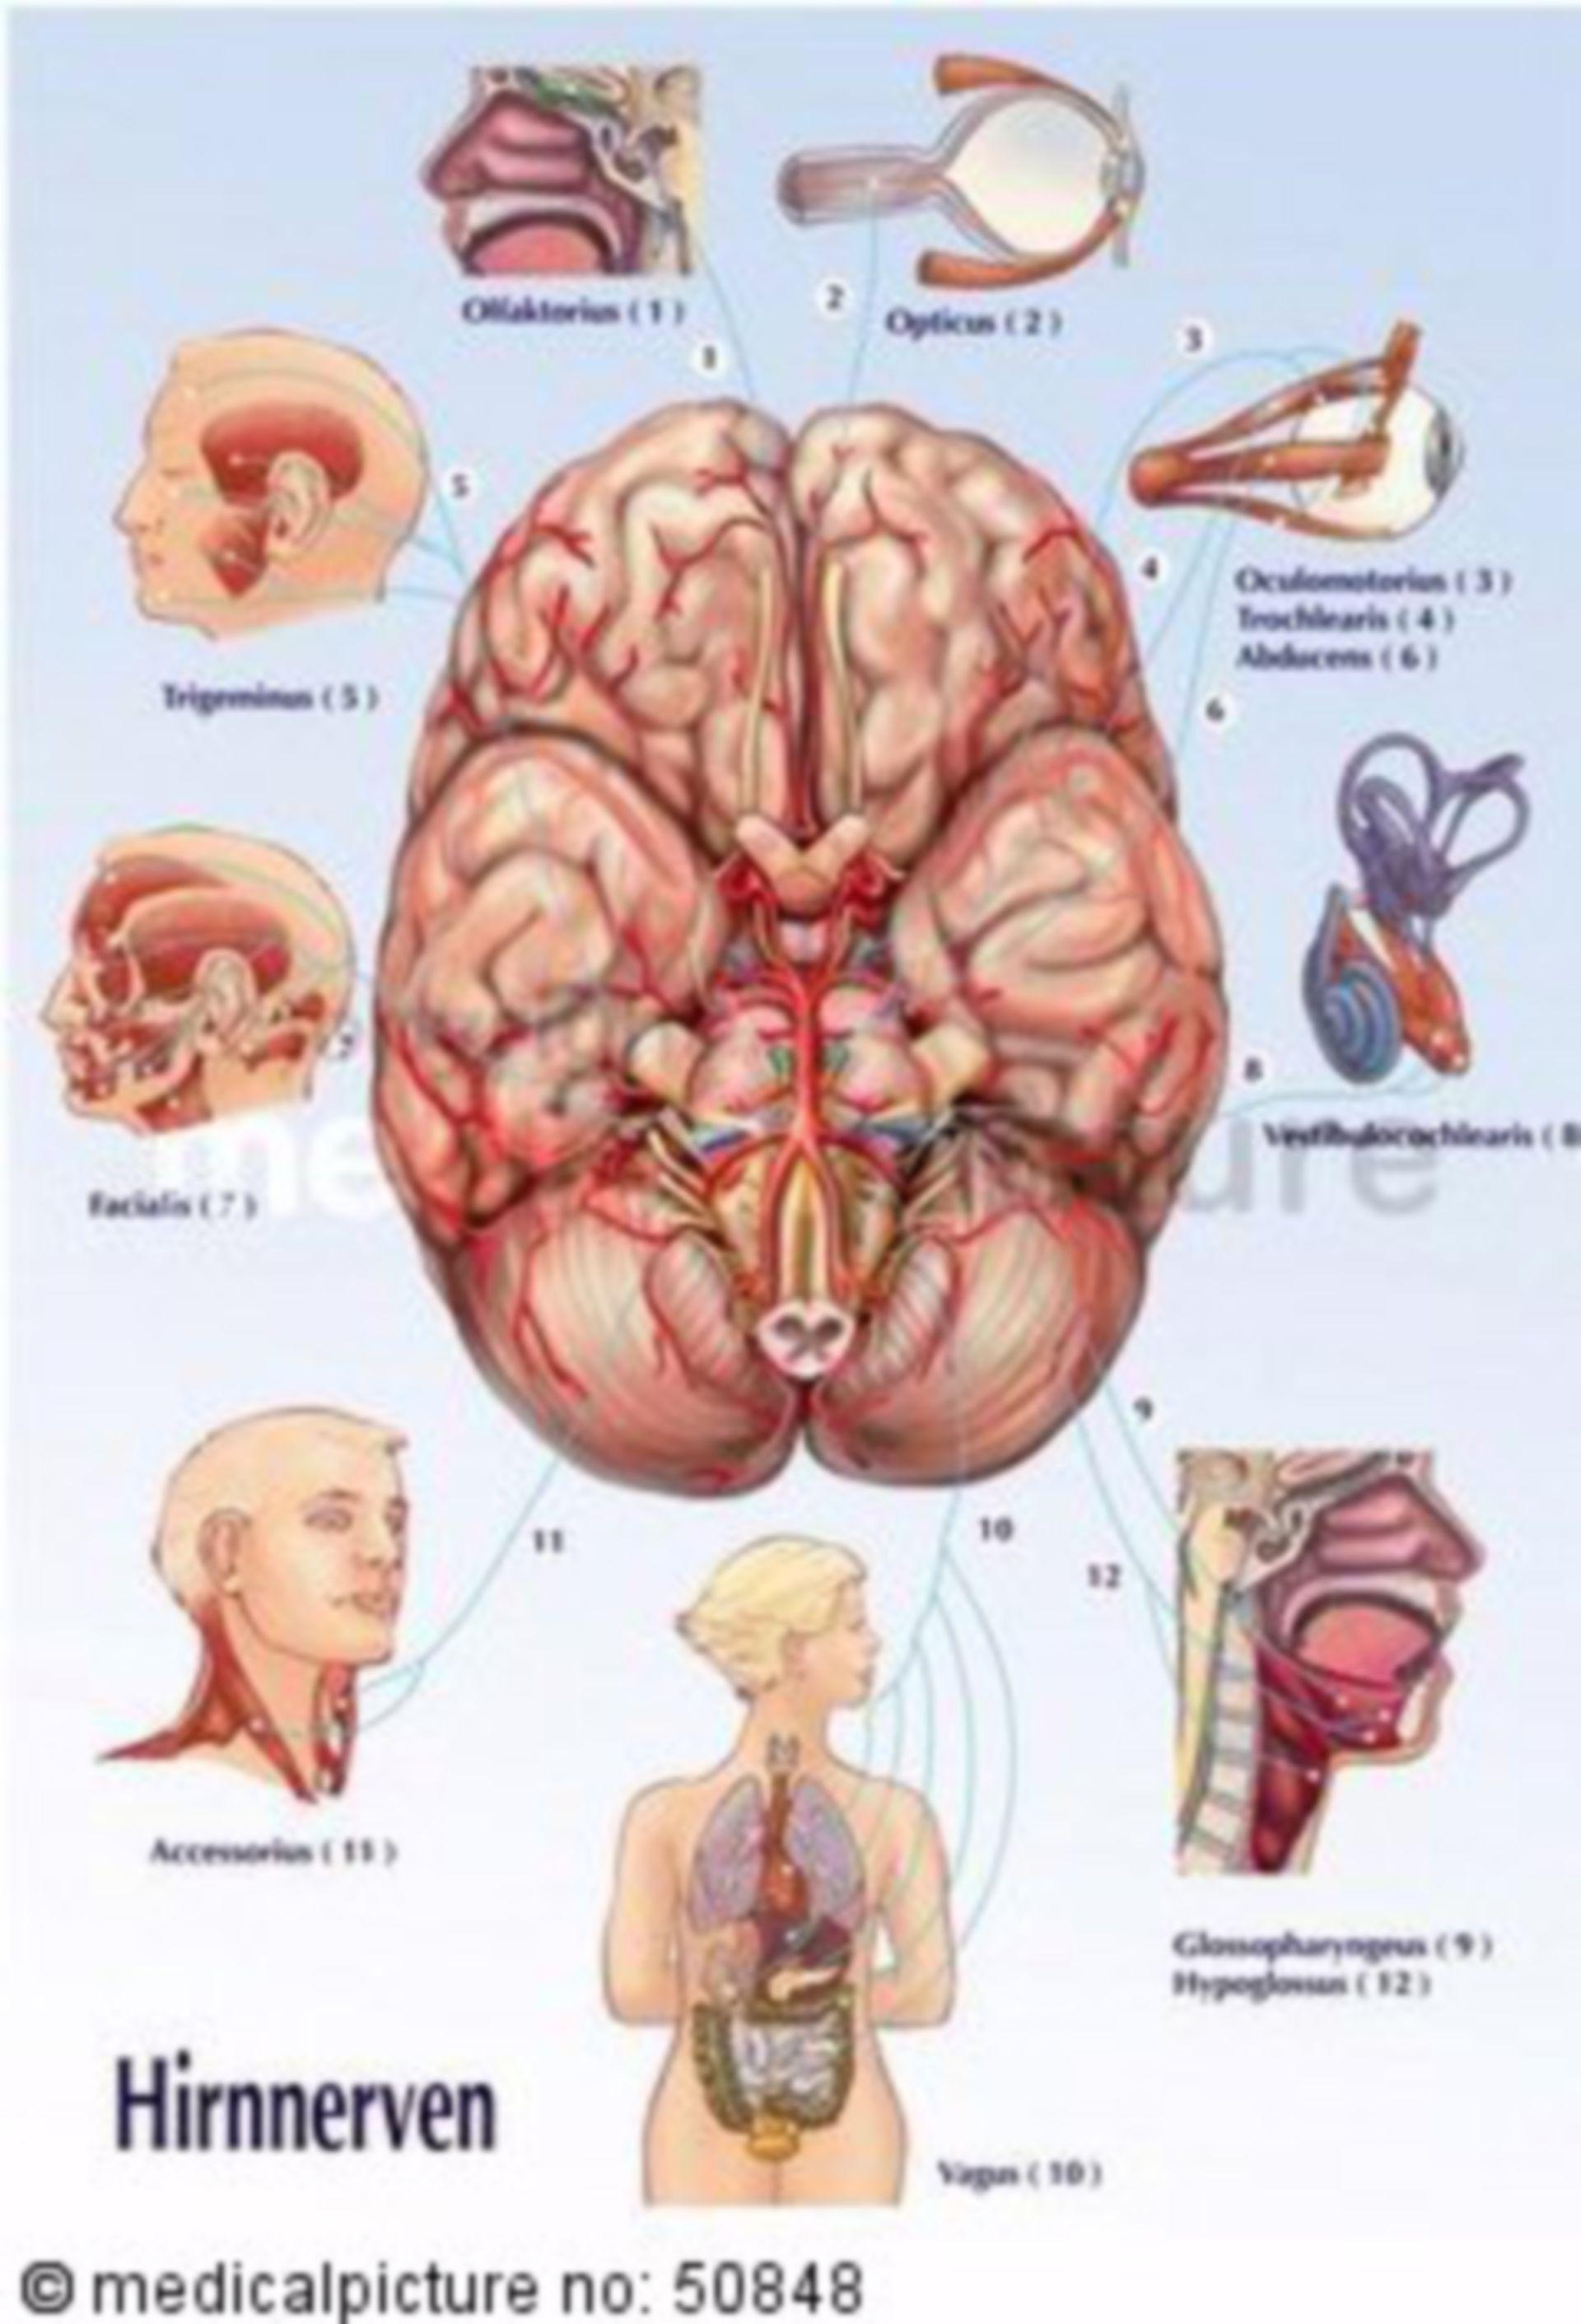 Hirnnerven und deren Versorgungsgebiete